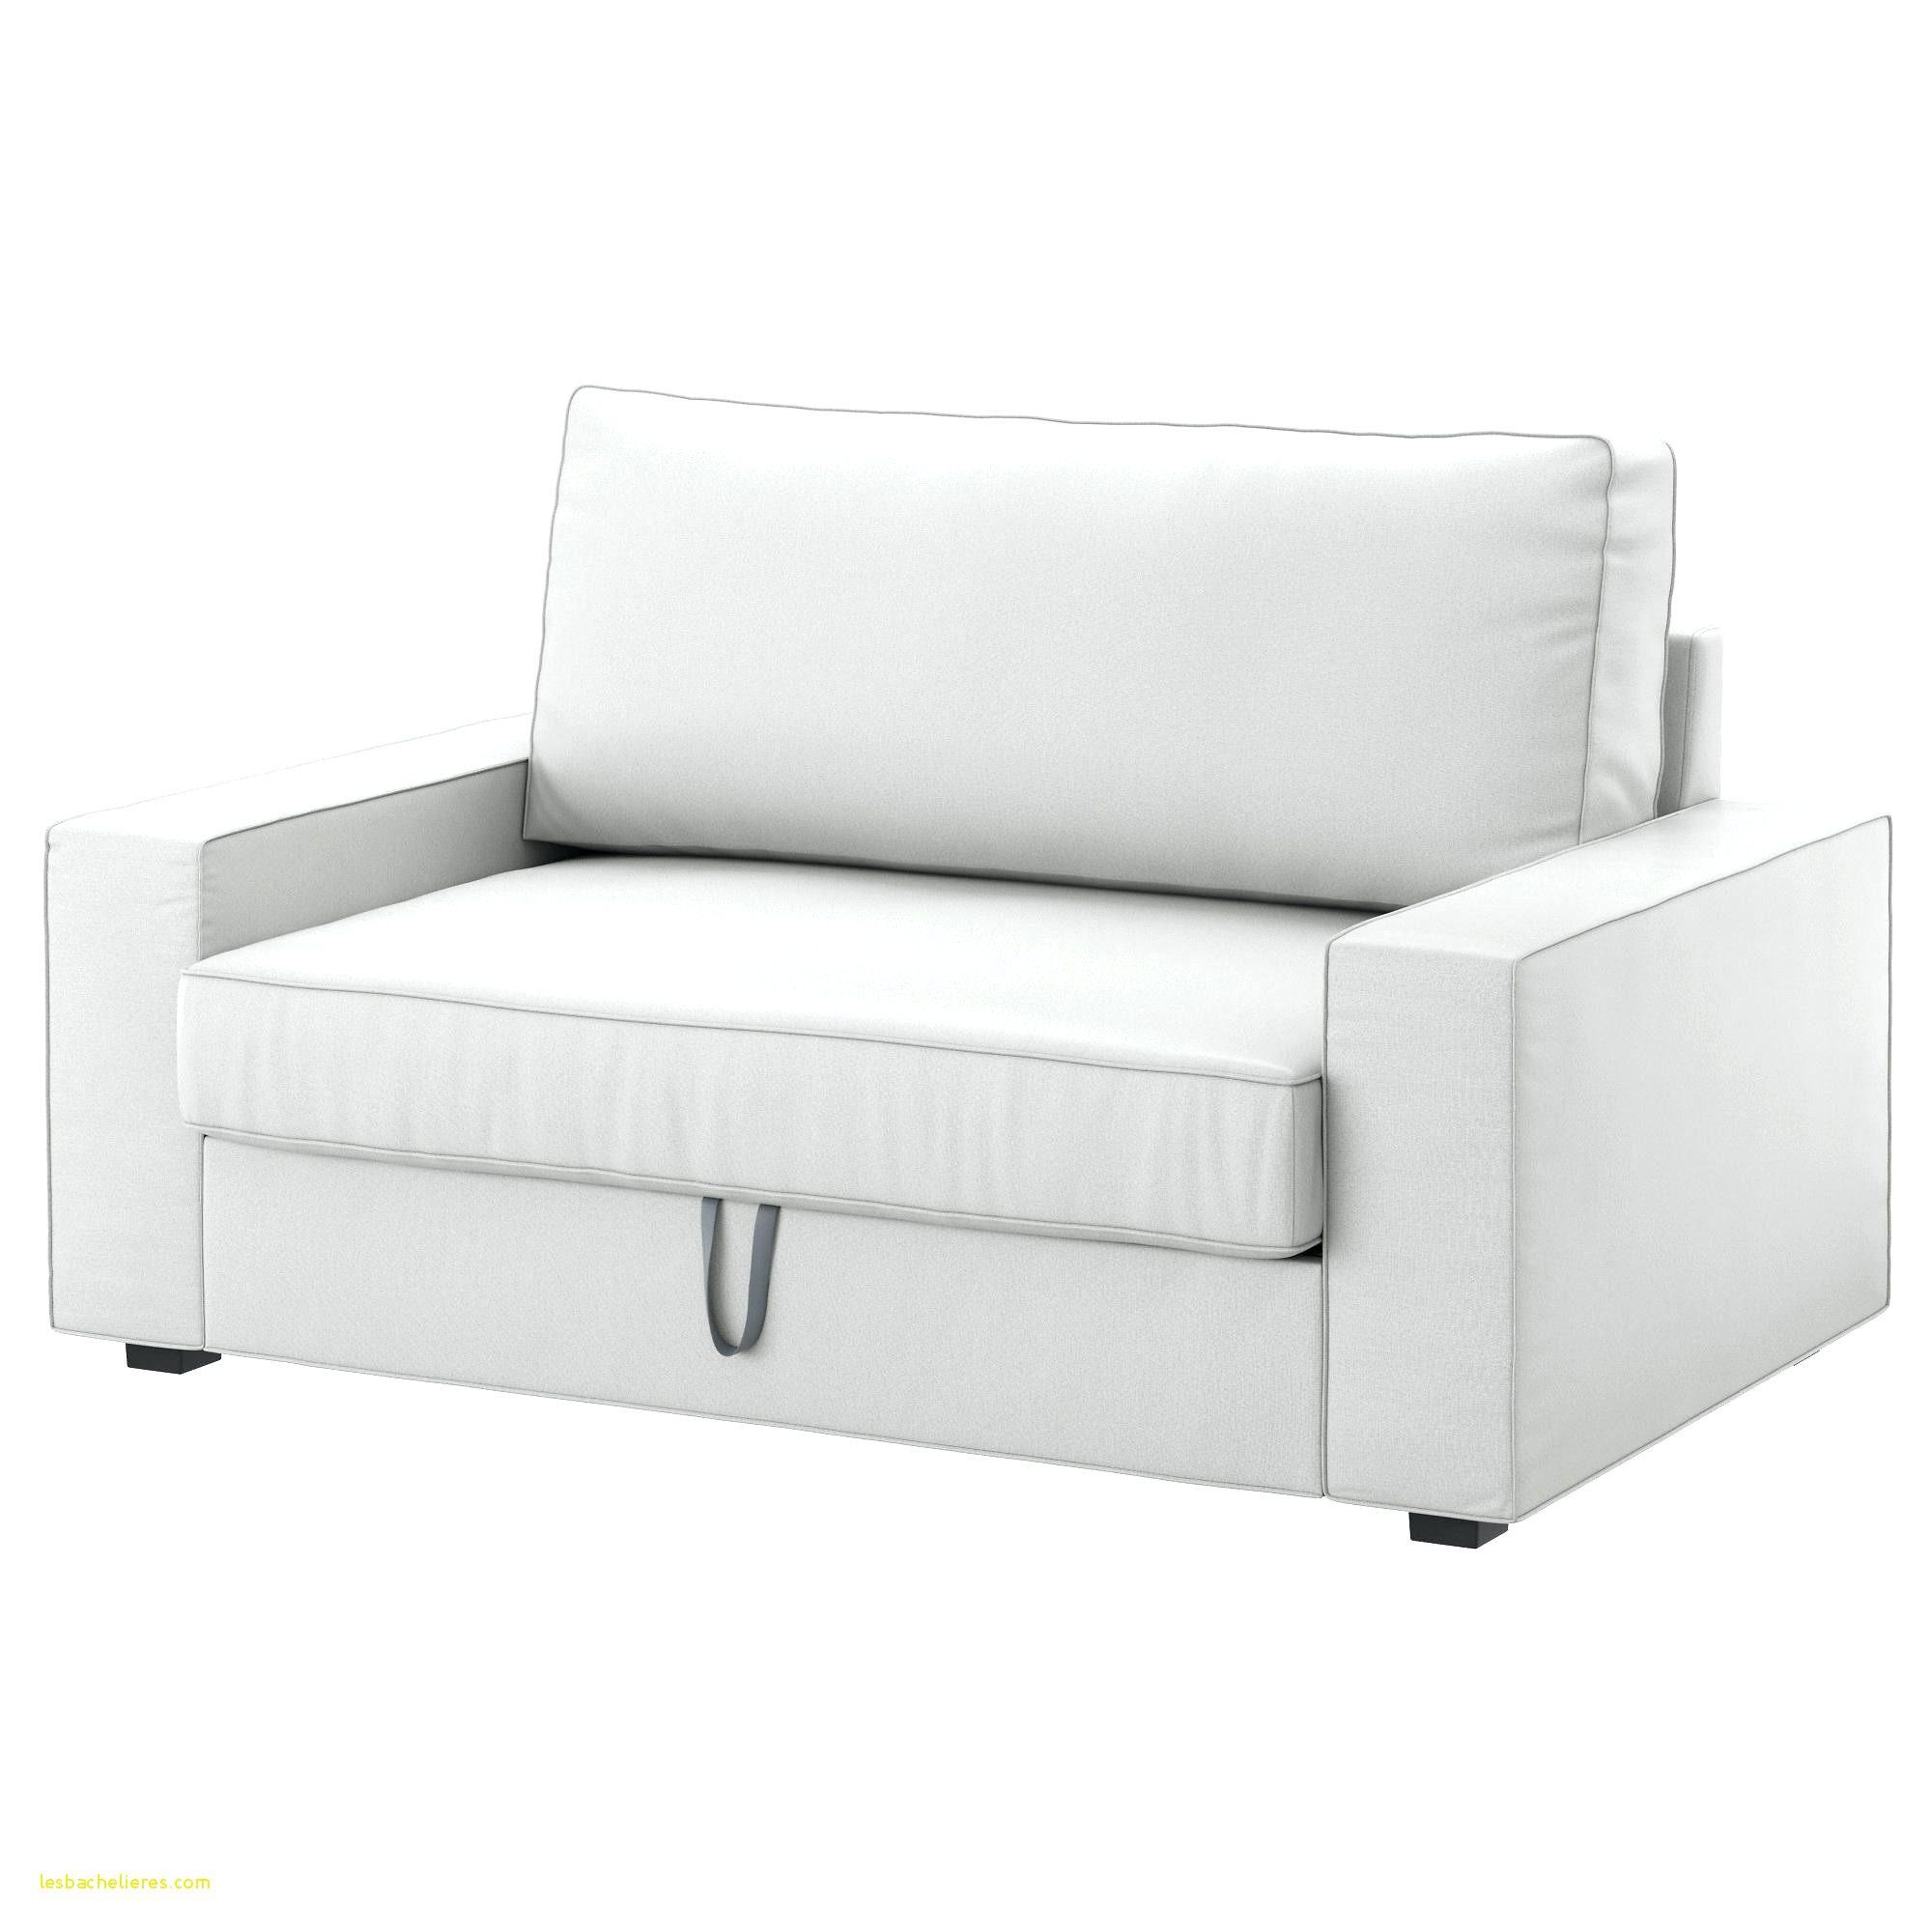 Lit 2 Personnes Conforama Luxe Résultat Supérieur Table Convertible Conforama Frais Lit 1 Place